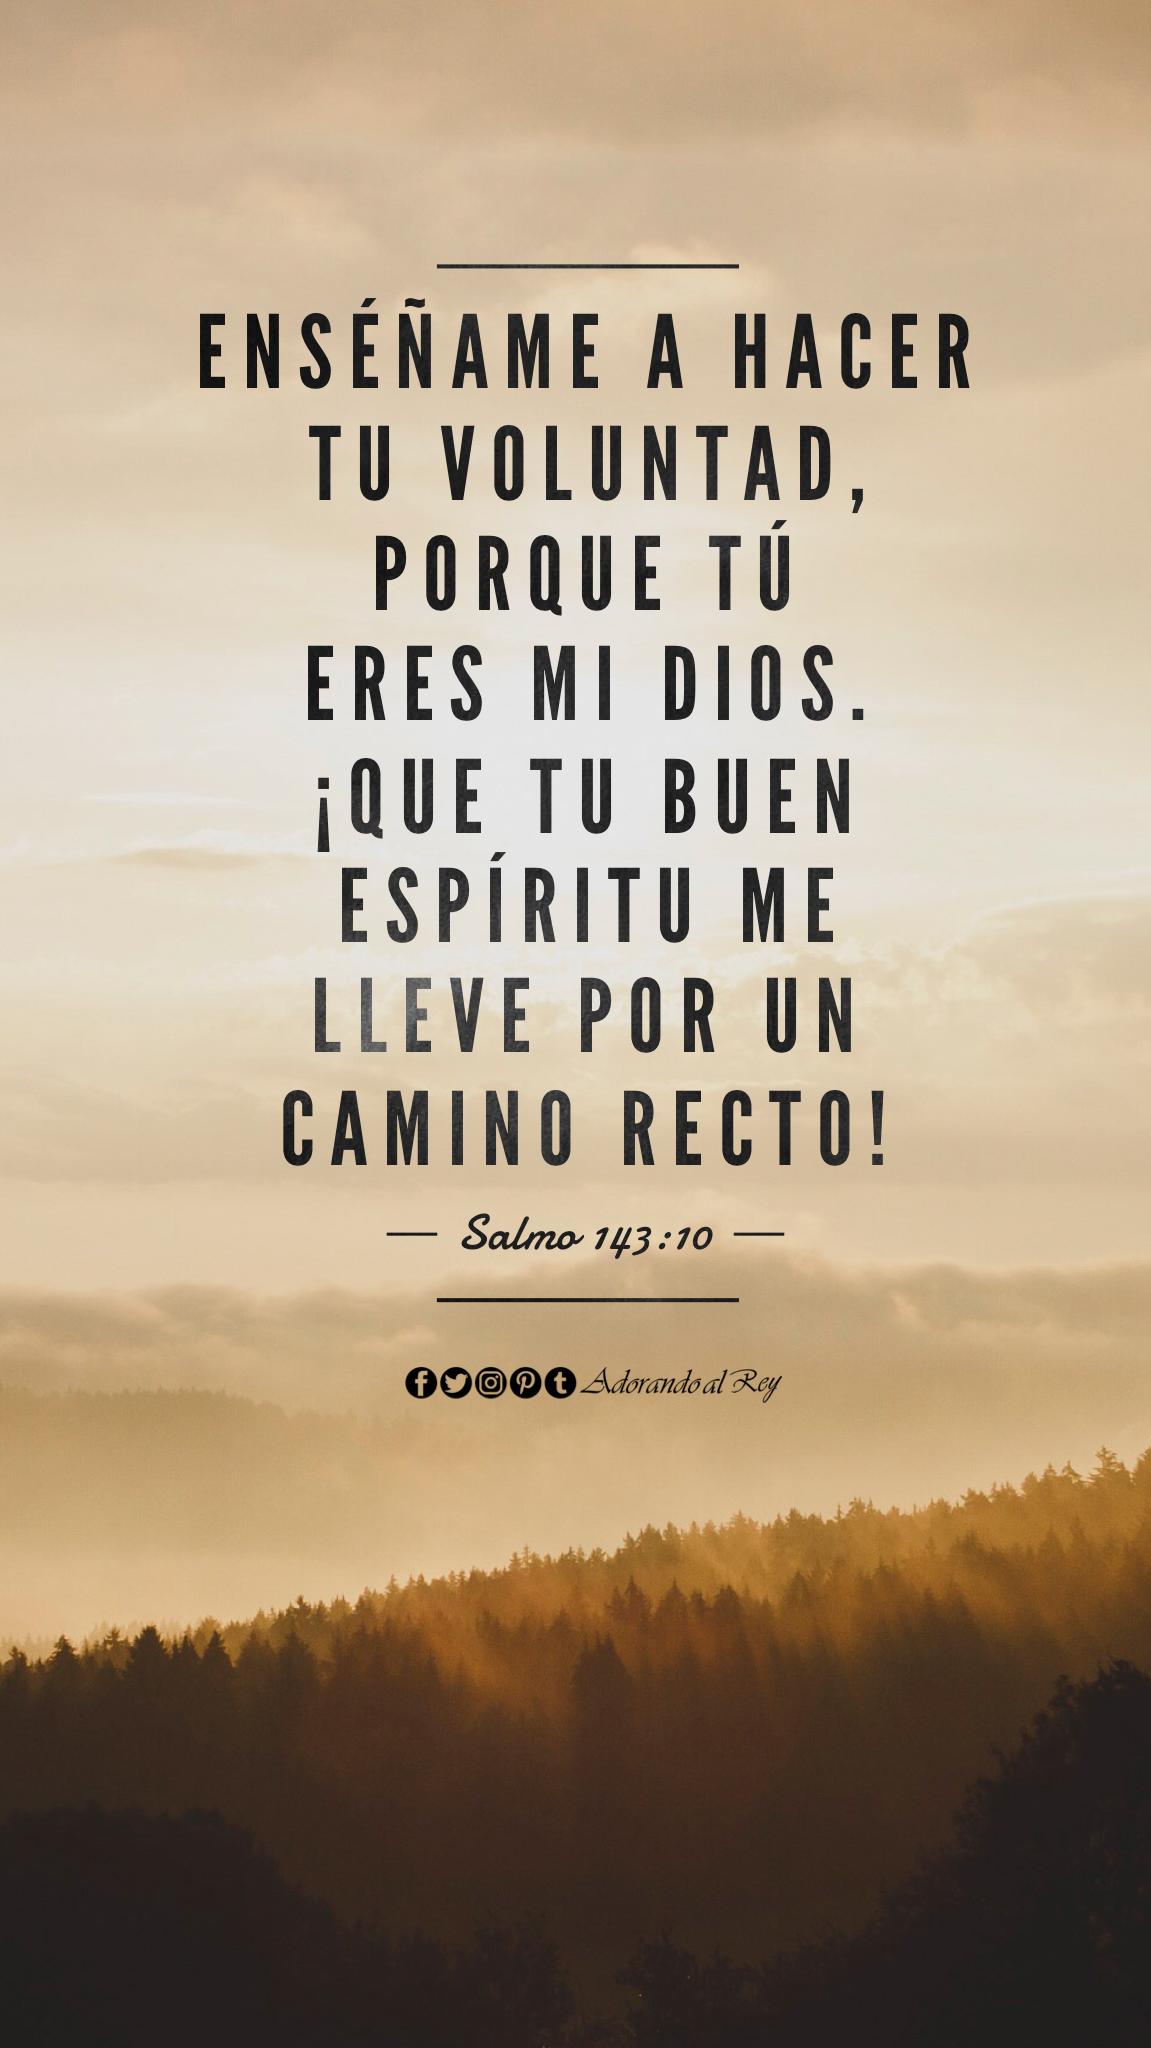 Enséñame a hacer tu voluntad, porque tú eres mi Dios. ¡Que tu buen espíritu me lleve por un camino recto! (Salmo 143:10) #CitasBiblicas #VersiculodelDia #Salmos #Salmo 143 #AdorandoalRey